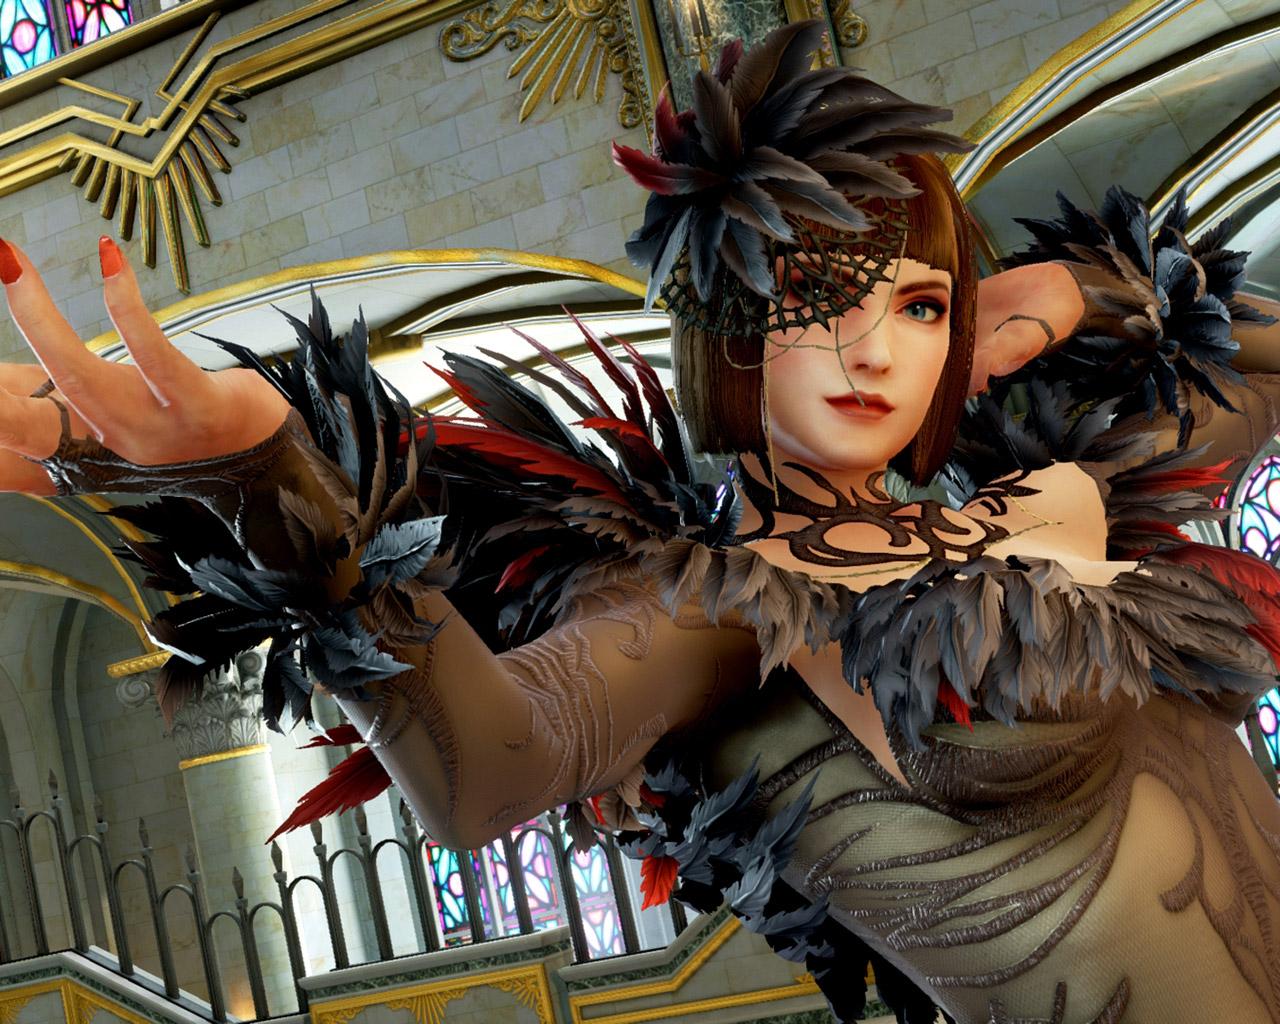 Tekken 7 Wallpaper in 1280x1024